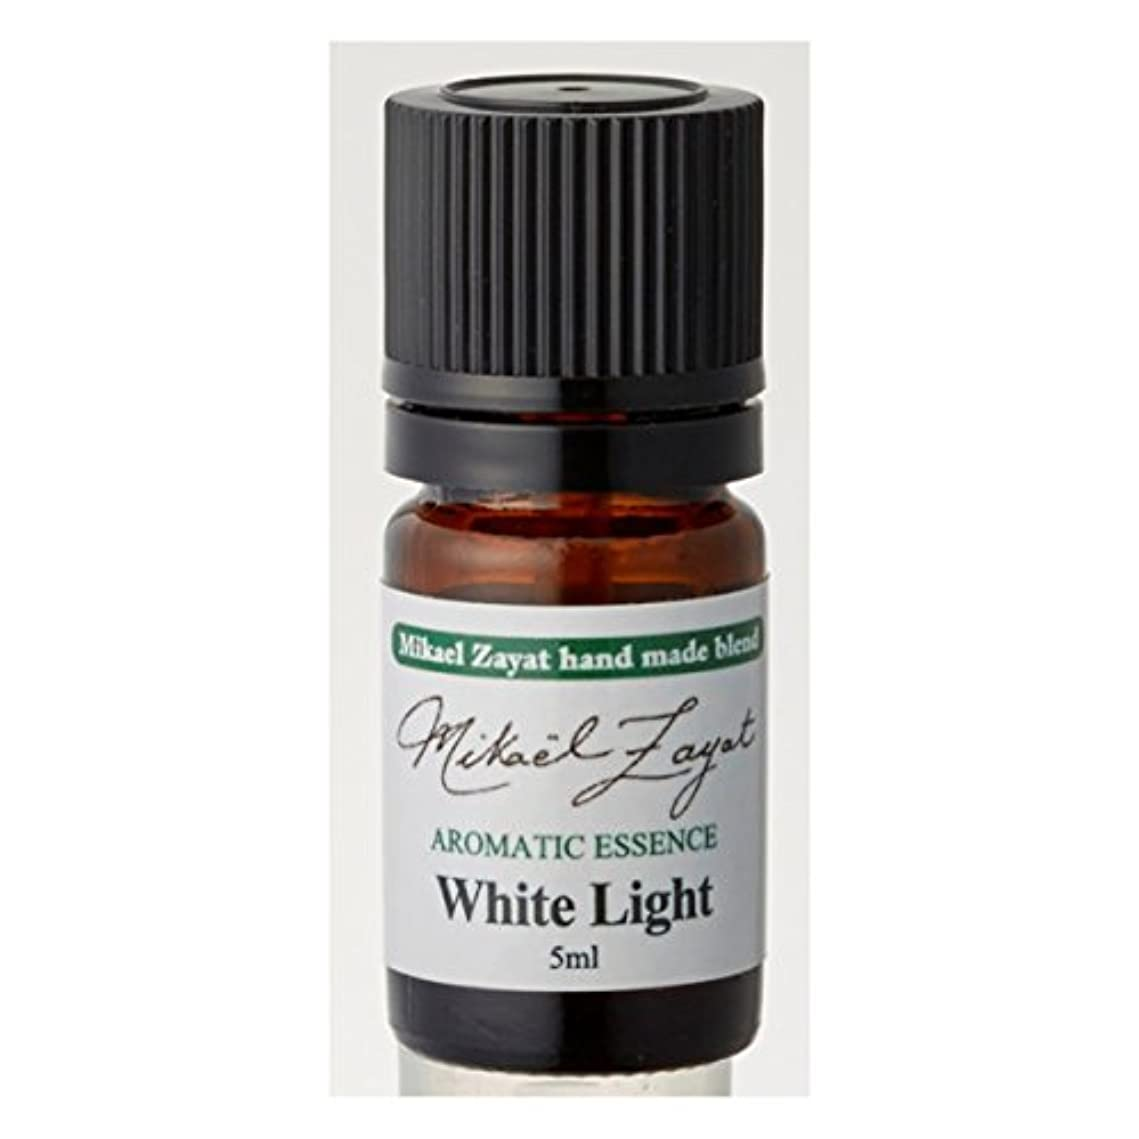 余計な地上で市区町村ミカエルザヤット ホワイトライト White Light 10ml/ Mikael Zayat hand made blend